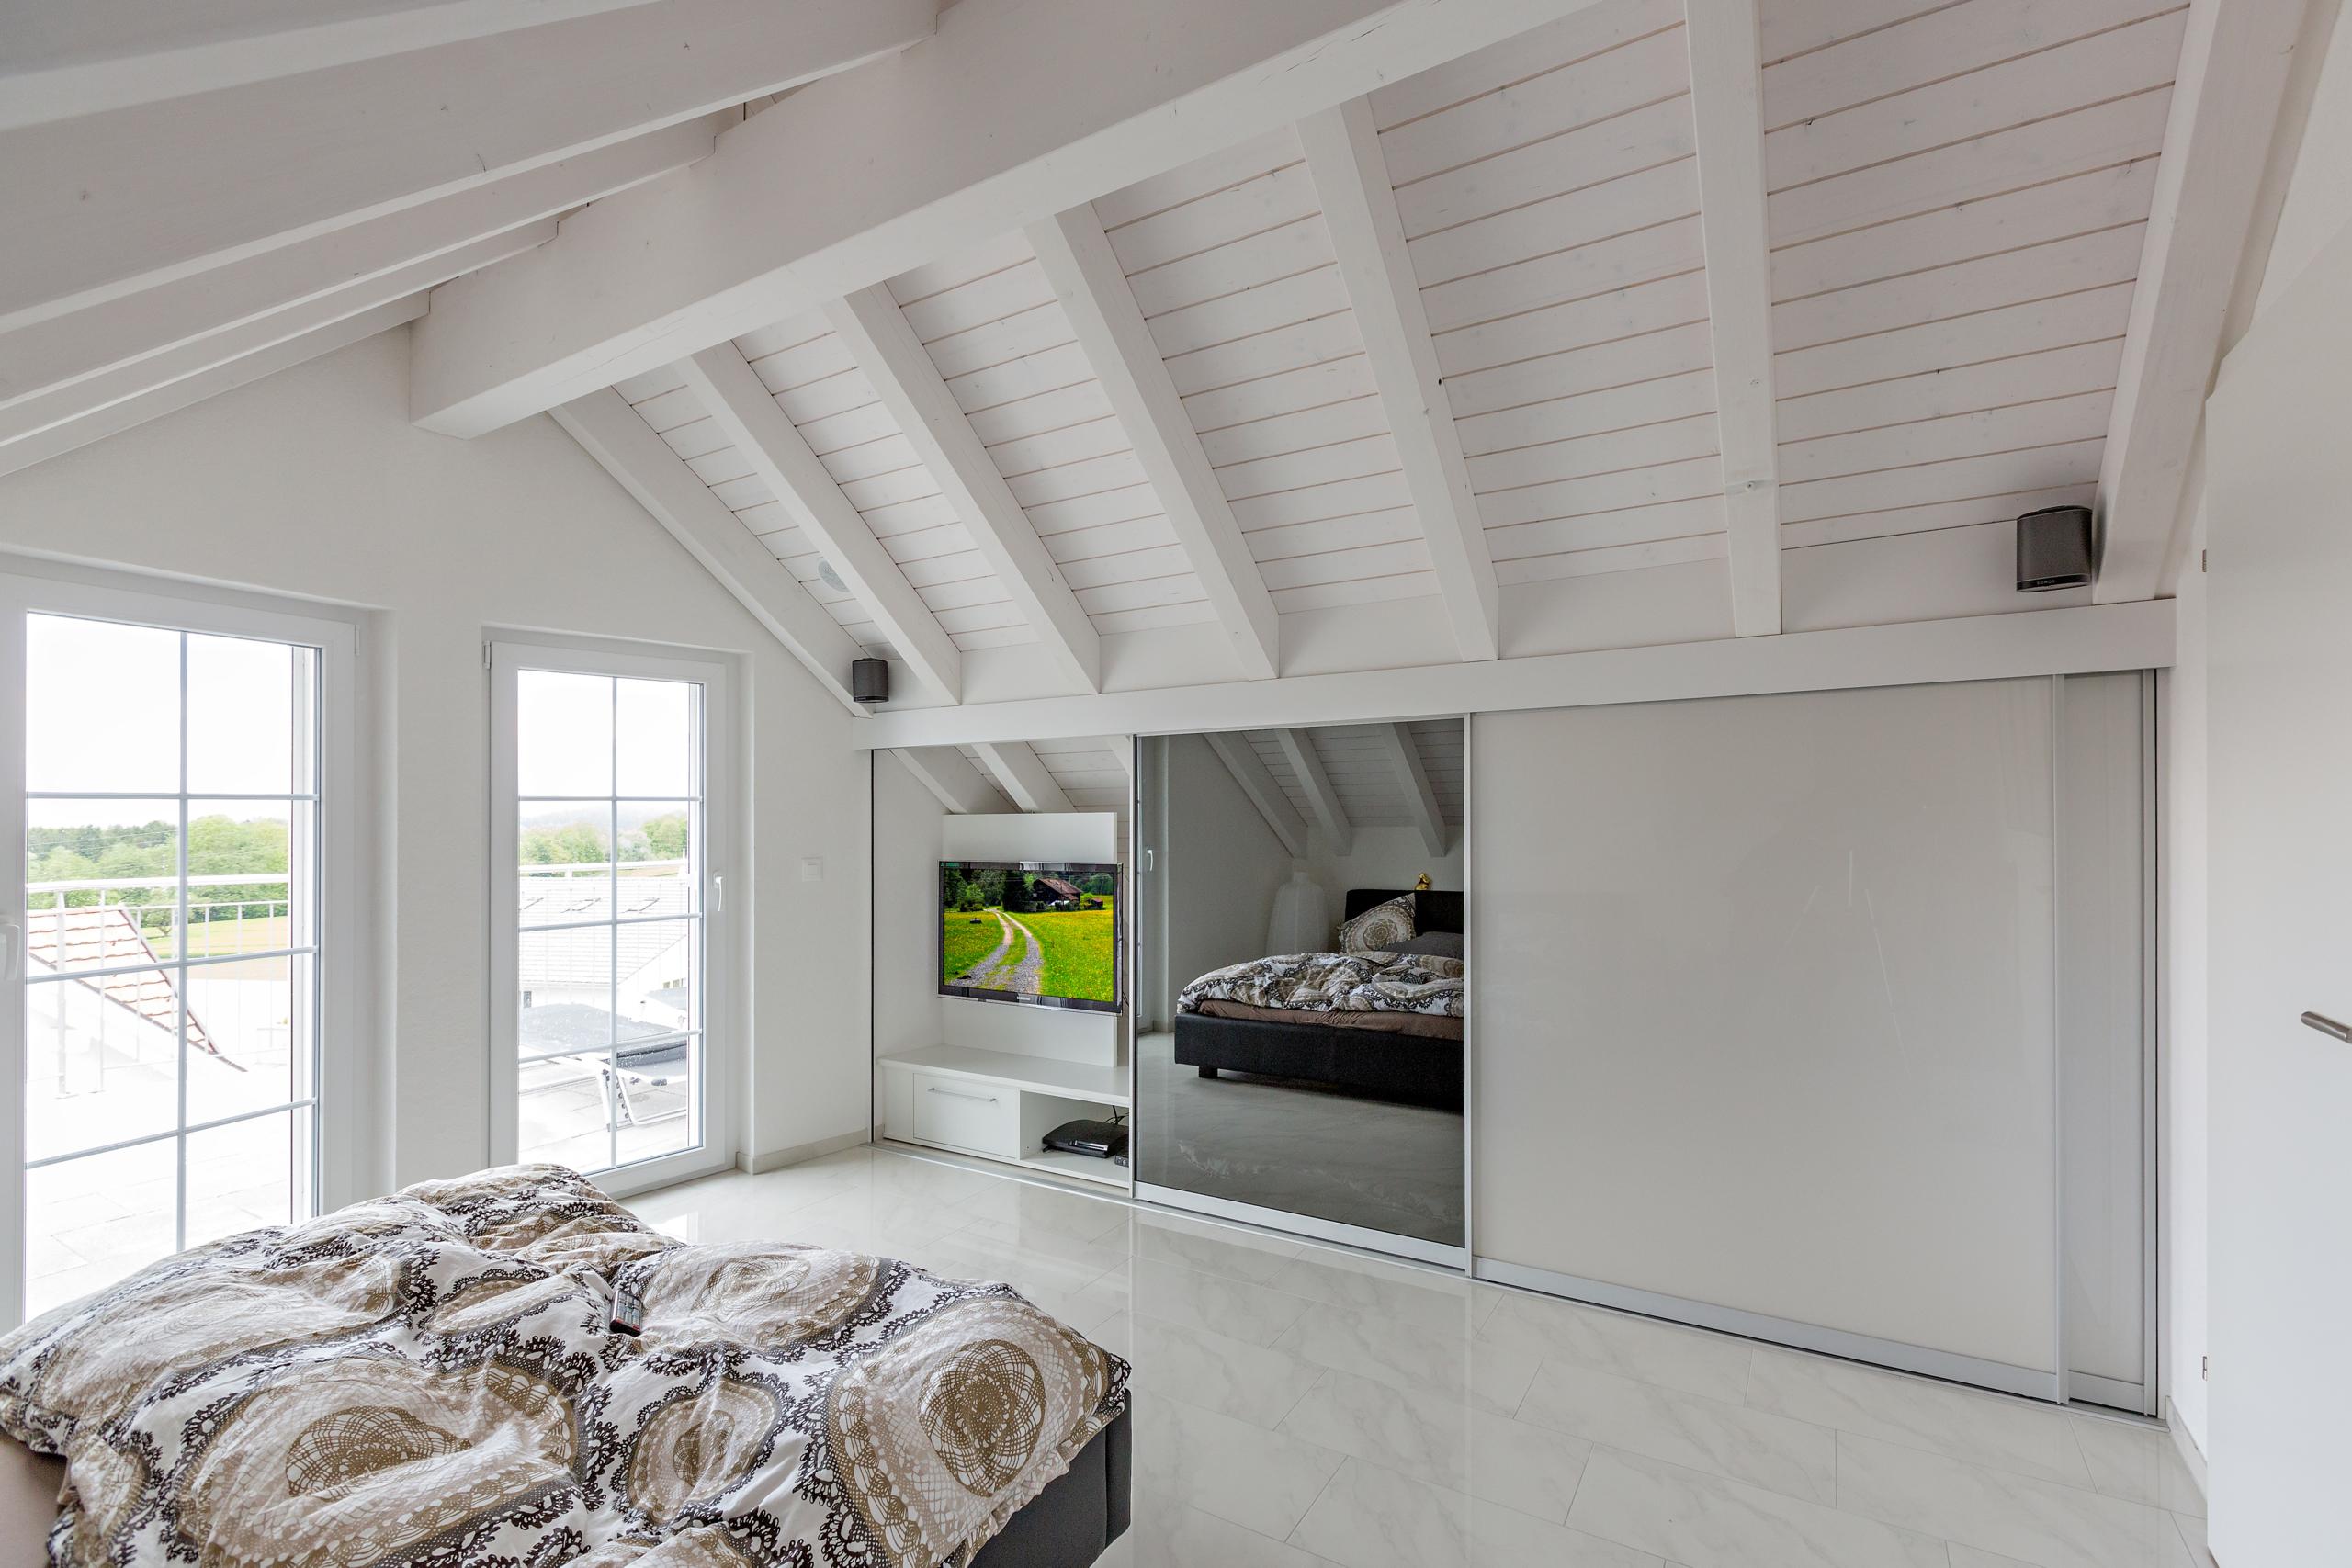 Einbauschränke Dachschräge schrank in der dachschräge nach mass dachschrägenschrank für kleider